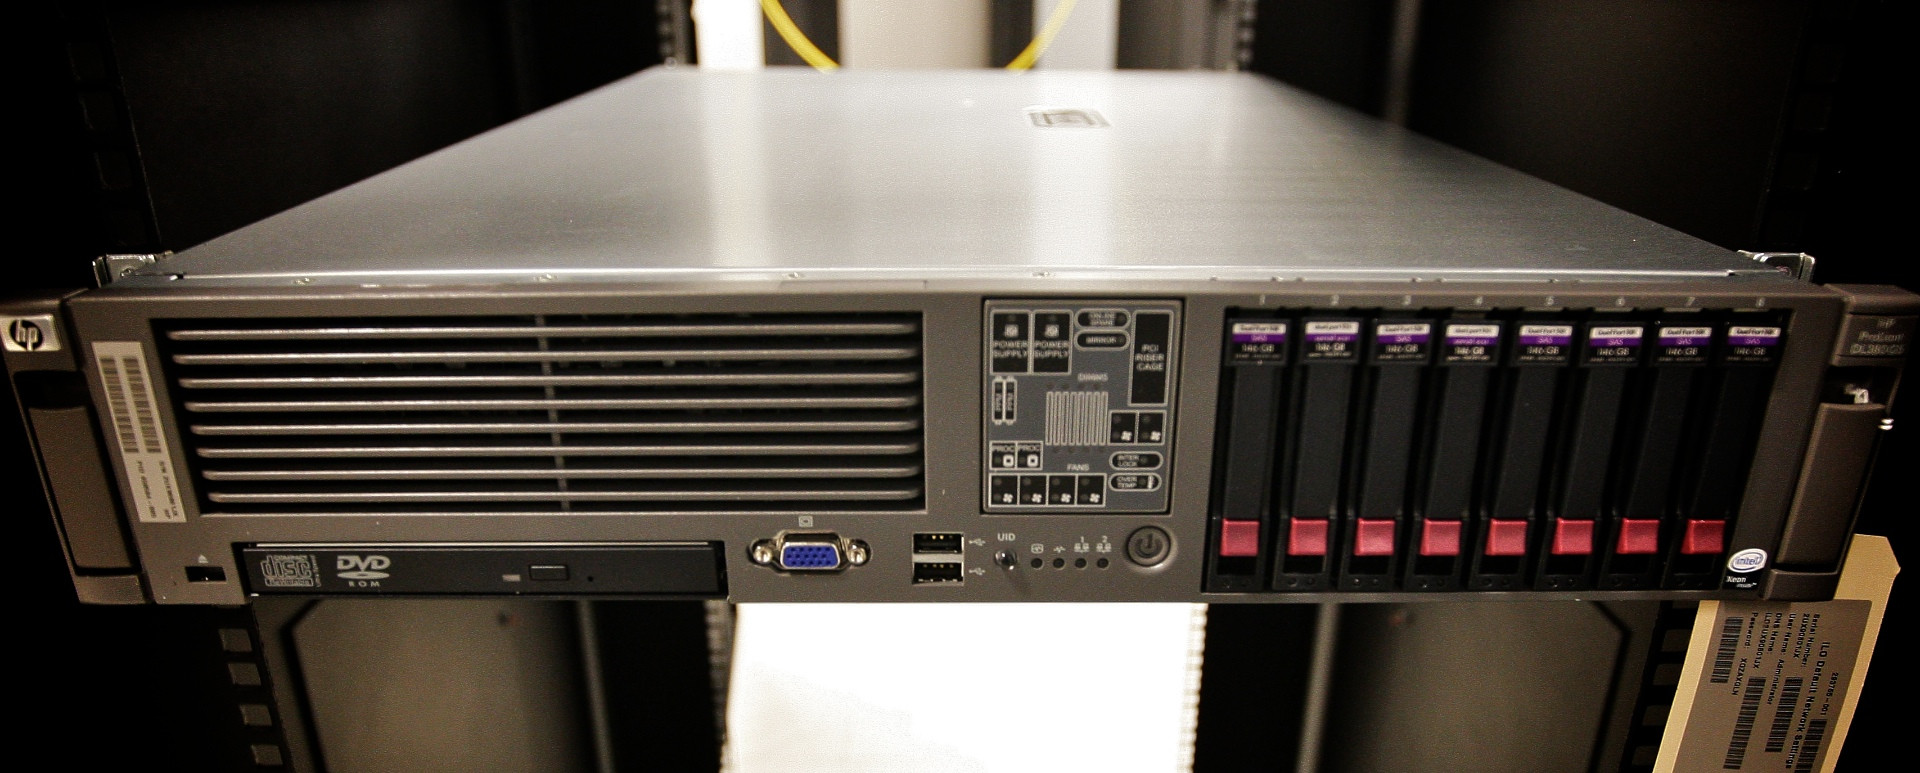 Storage HP ProLiant DL380 G4 RAID Conversion Server Fault